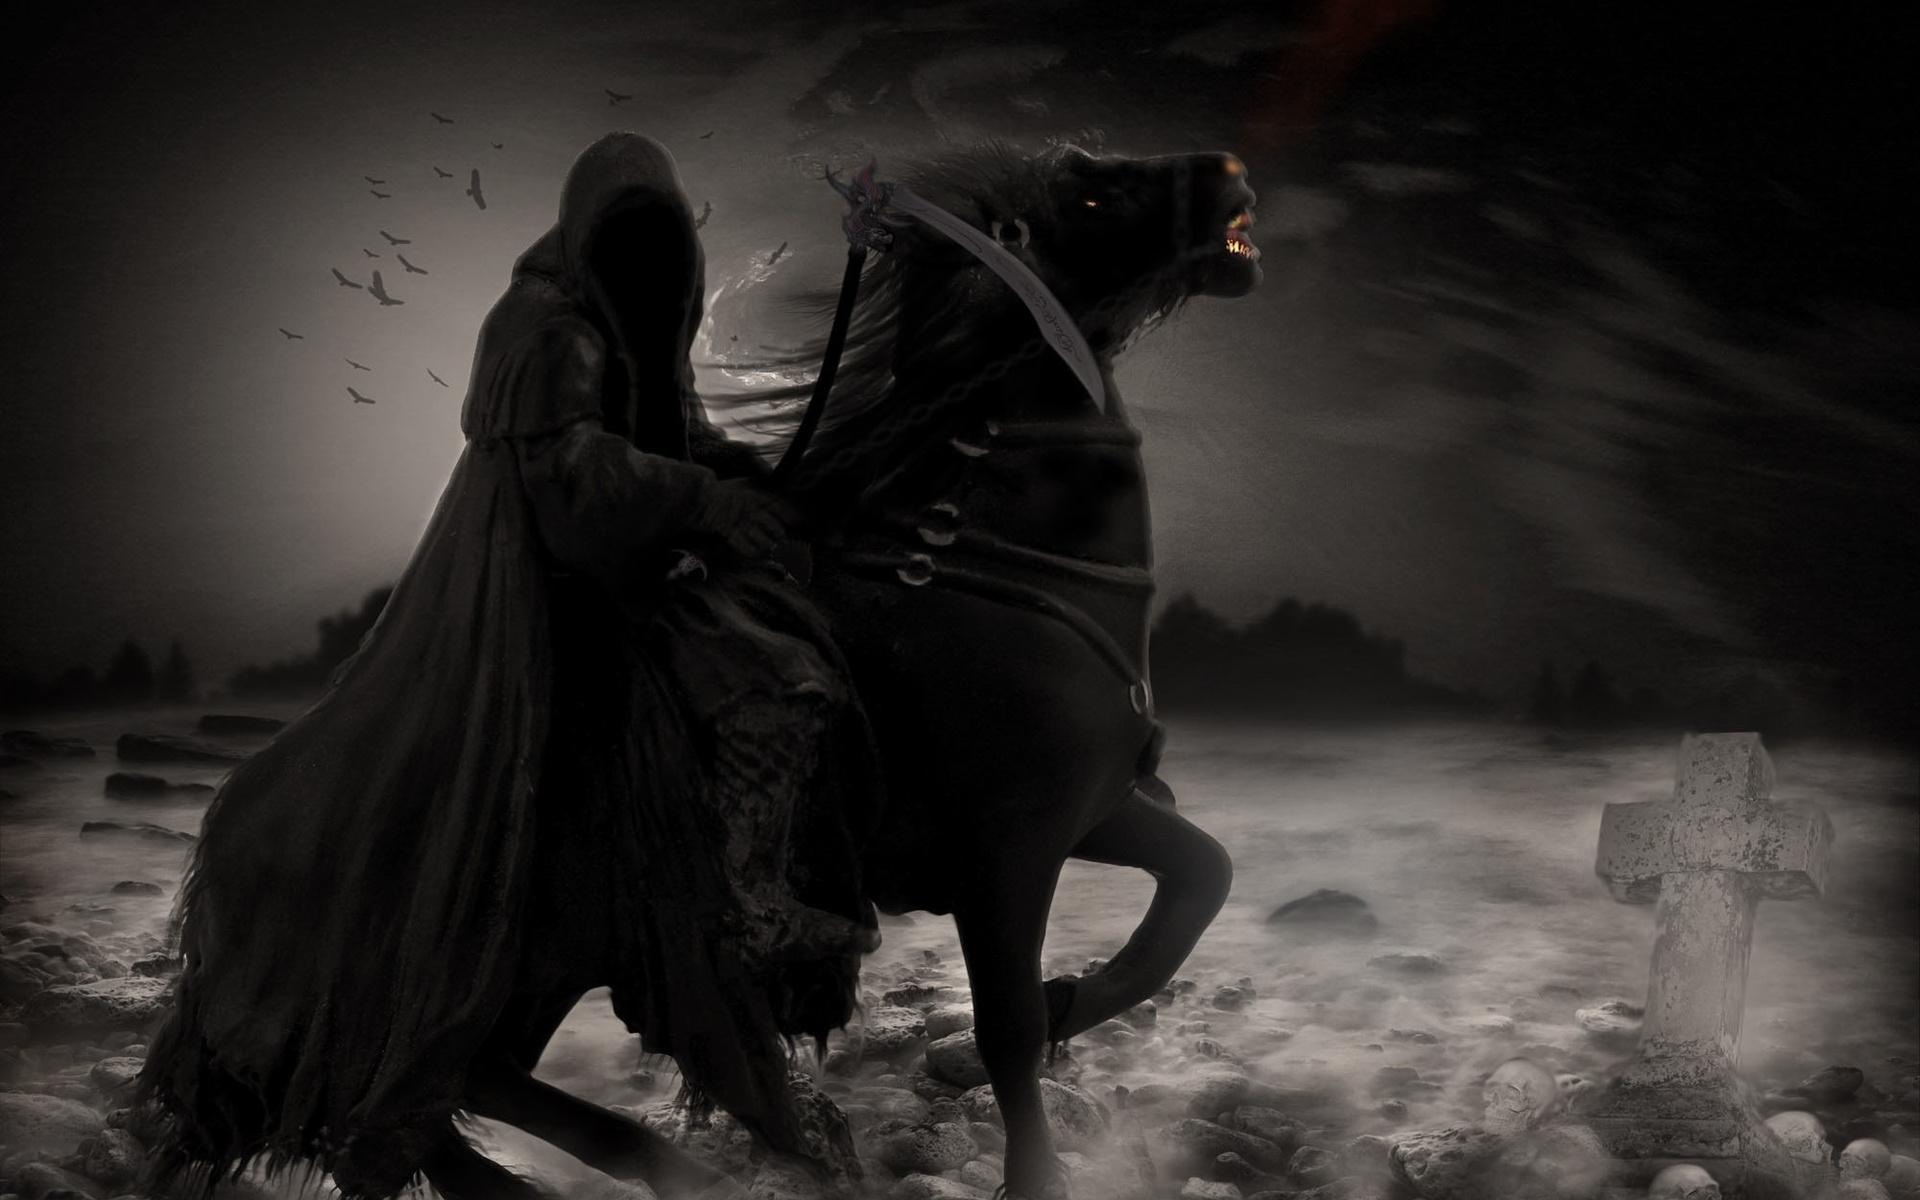 Видеть во сне всадника — неприятность есть и другие значения — в зависимости от того, что на всаднике одето какой под ним конь и т.